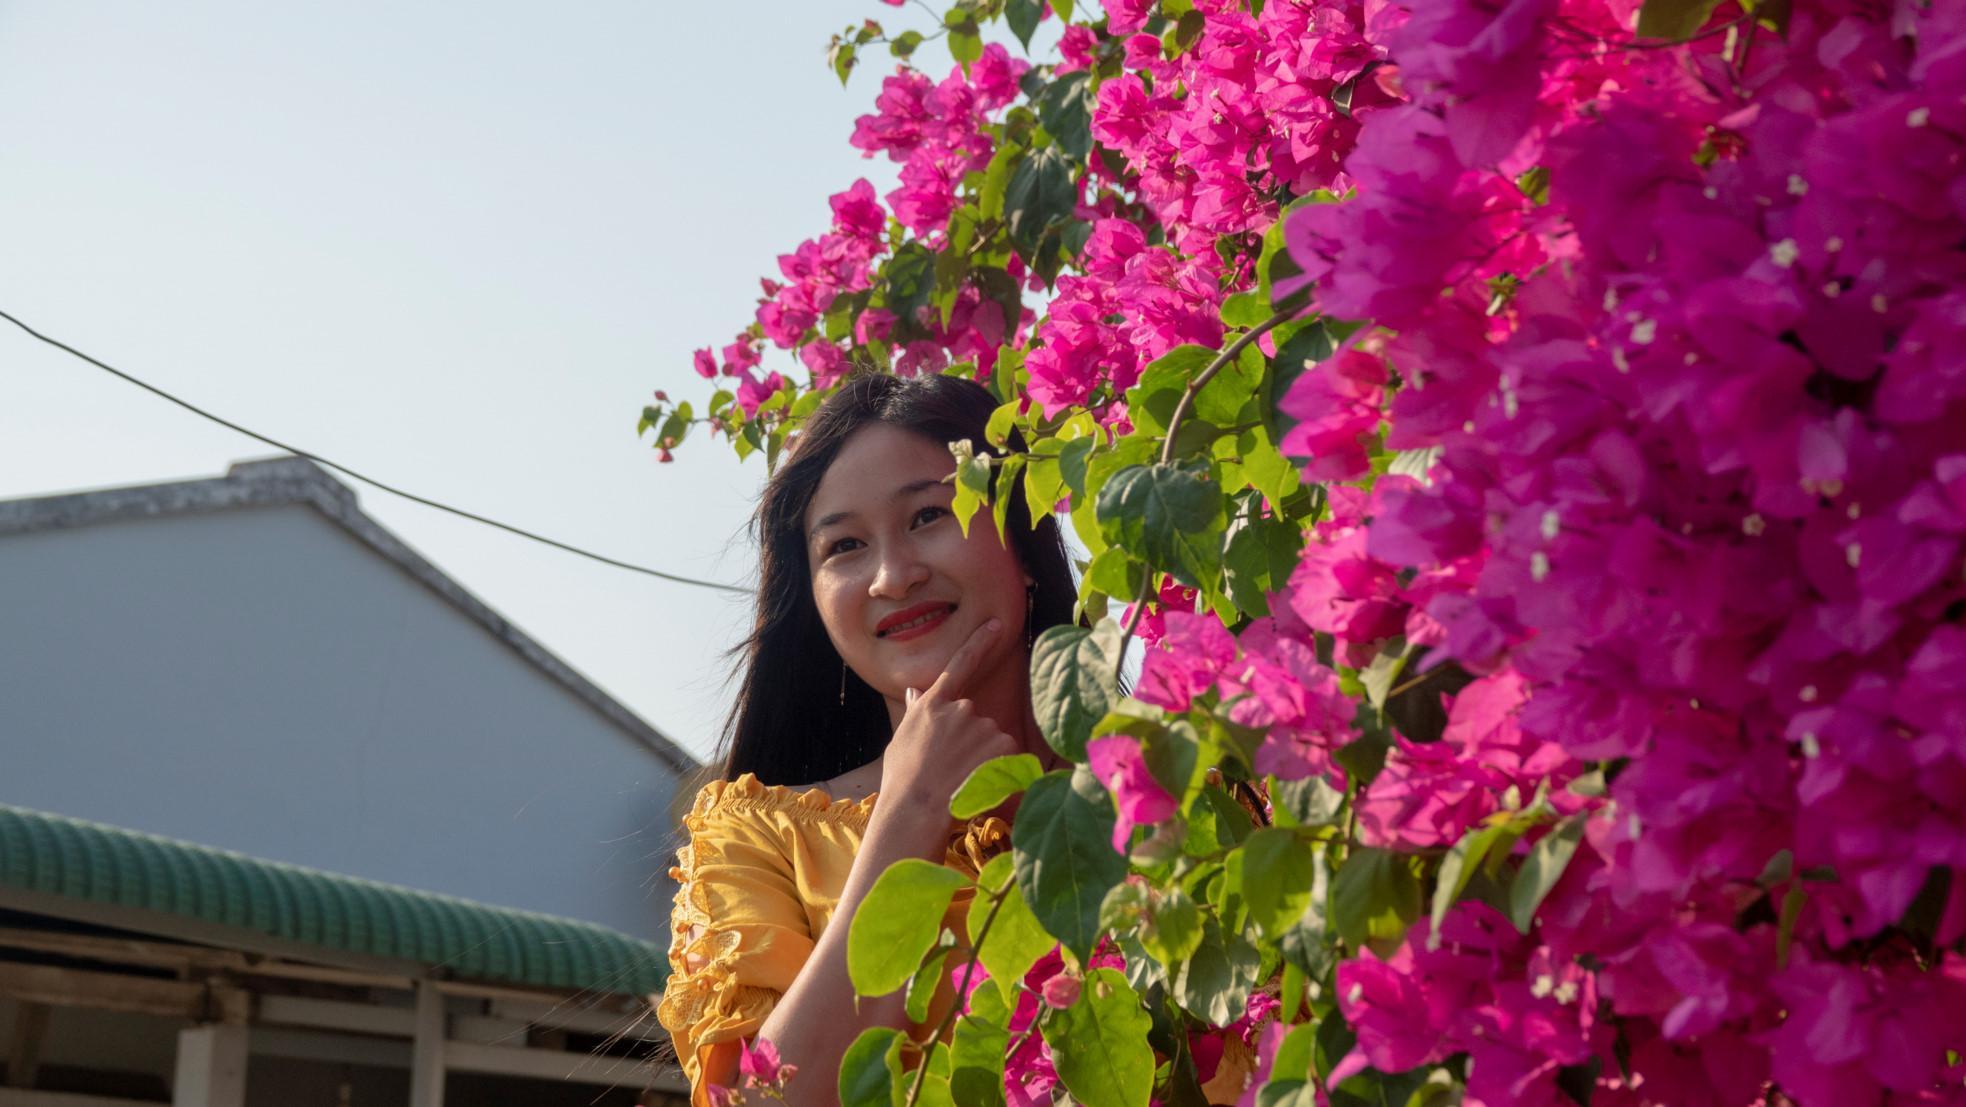 Chiêm ngưỡng 'cụ' hoa giấy trăm triệu ở đảo Lý Sơn Ảnh 8